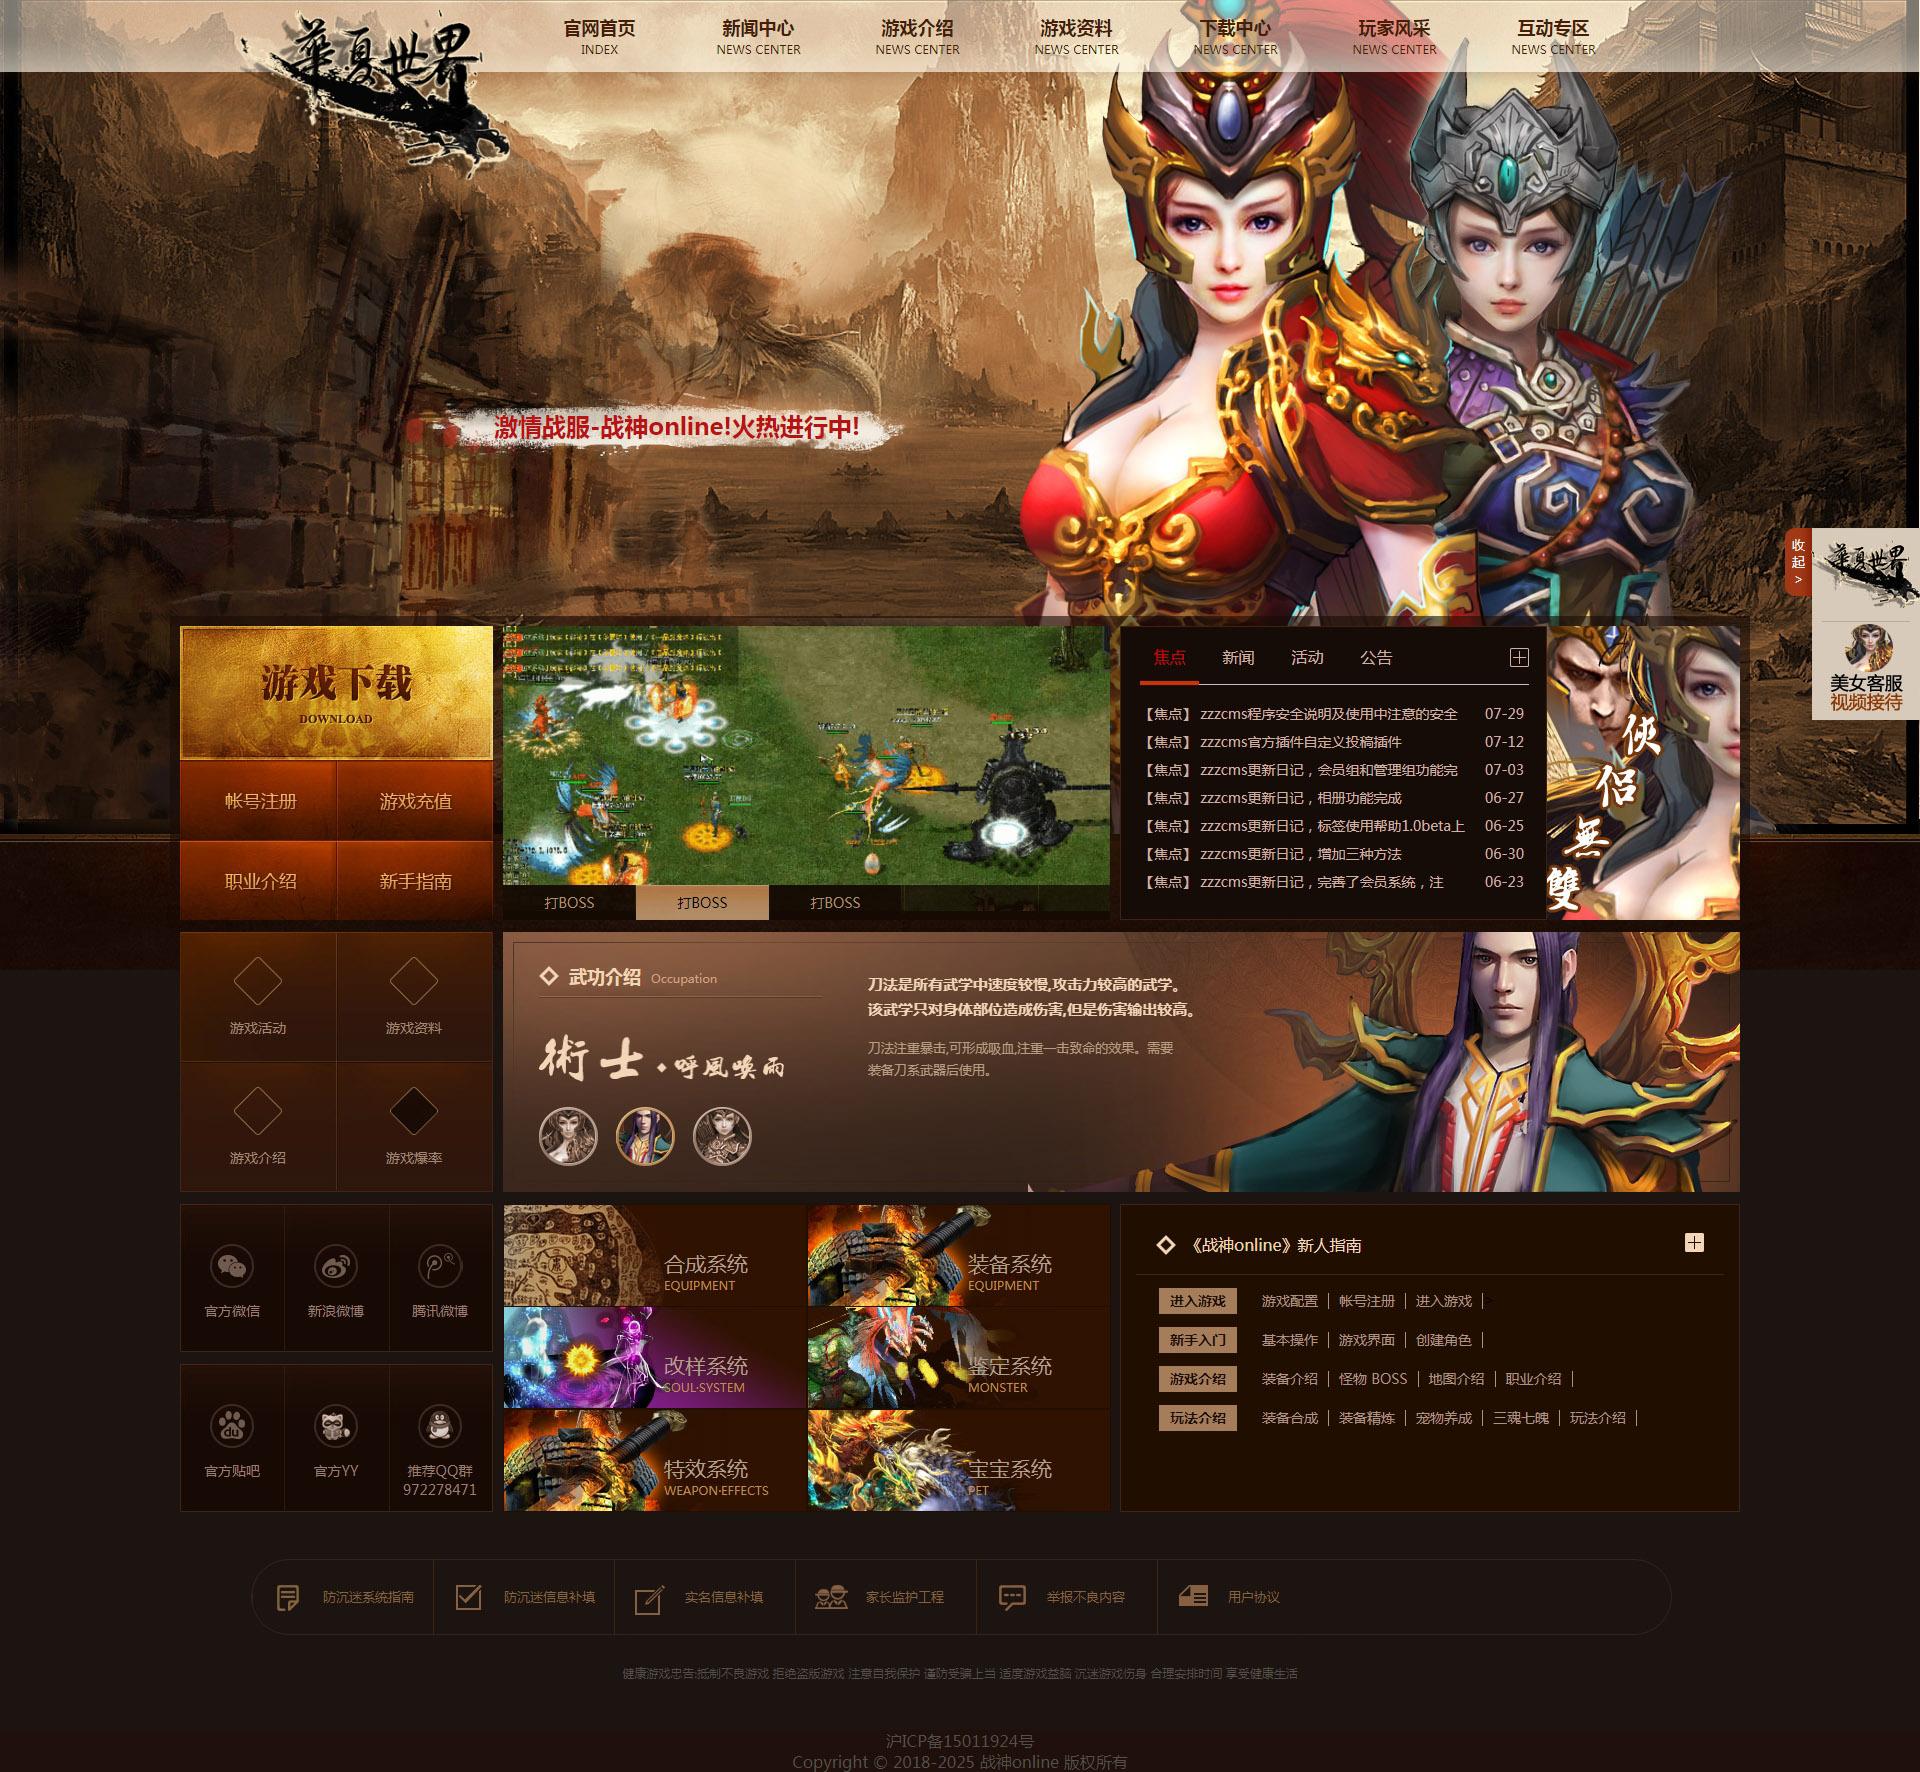 《华夏世界》传奇模板一条龙 游戏网站模板 ASP网站模板 带后台《华夏世界》传奇模板一条龙 游戏网站模板 ASP网站模板 带后台